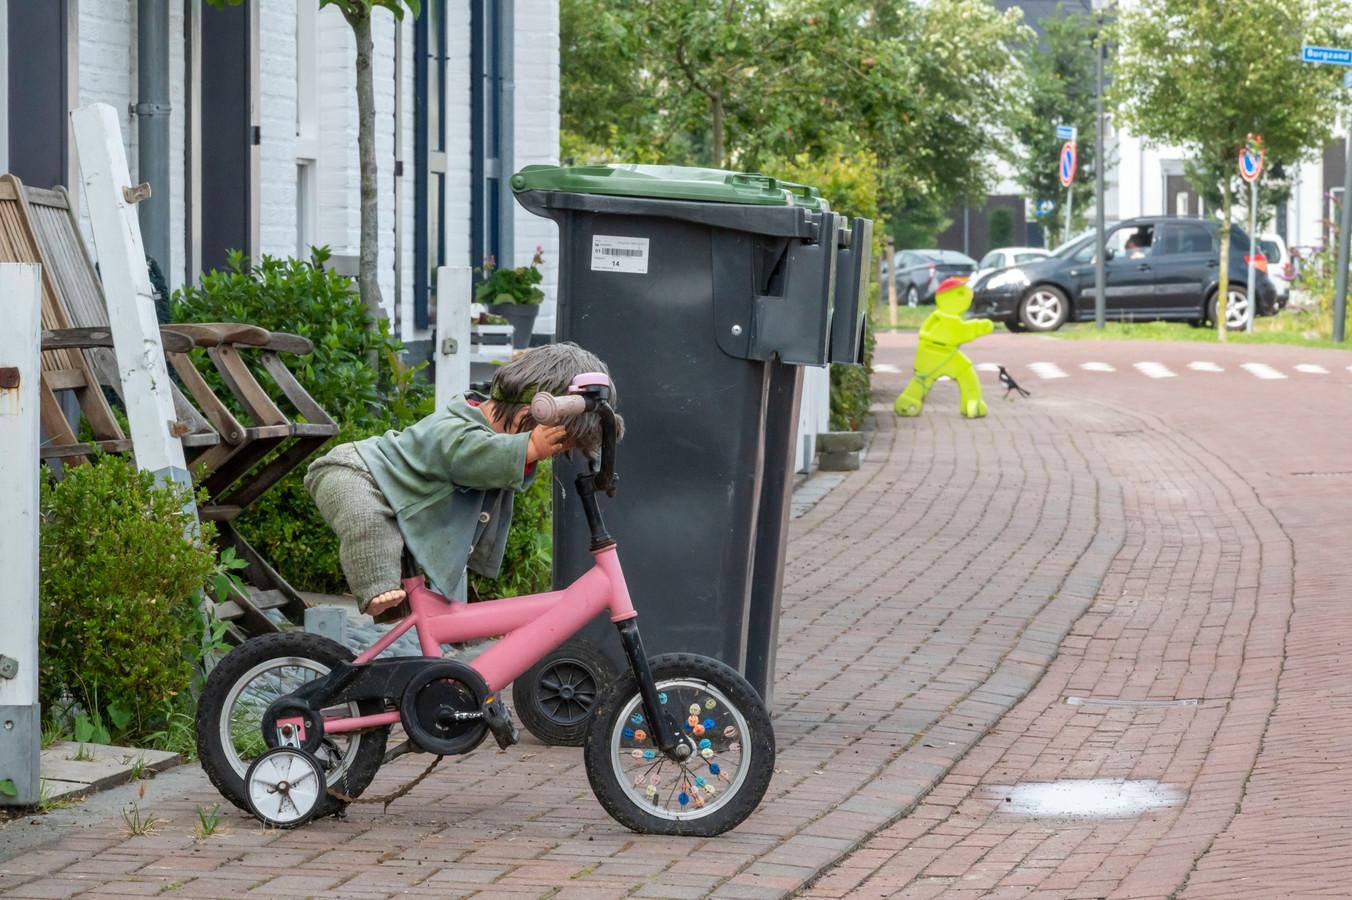 Met speelgoed - een pop op een fietsje - en een geel oversteekmannetje proberen bewoners van het Zuidereiland automobilisten ervan te doordringen dat ze langzaam zouden moeten rijden.